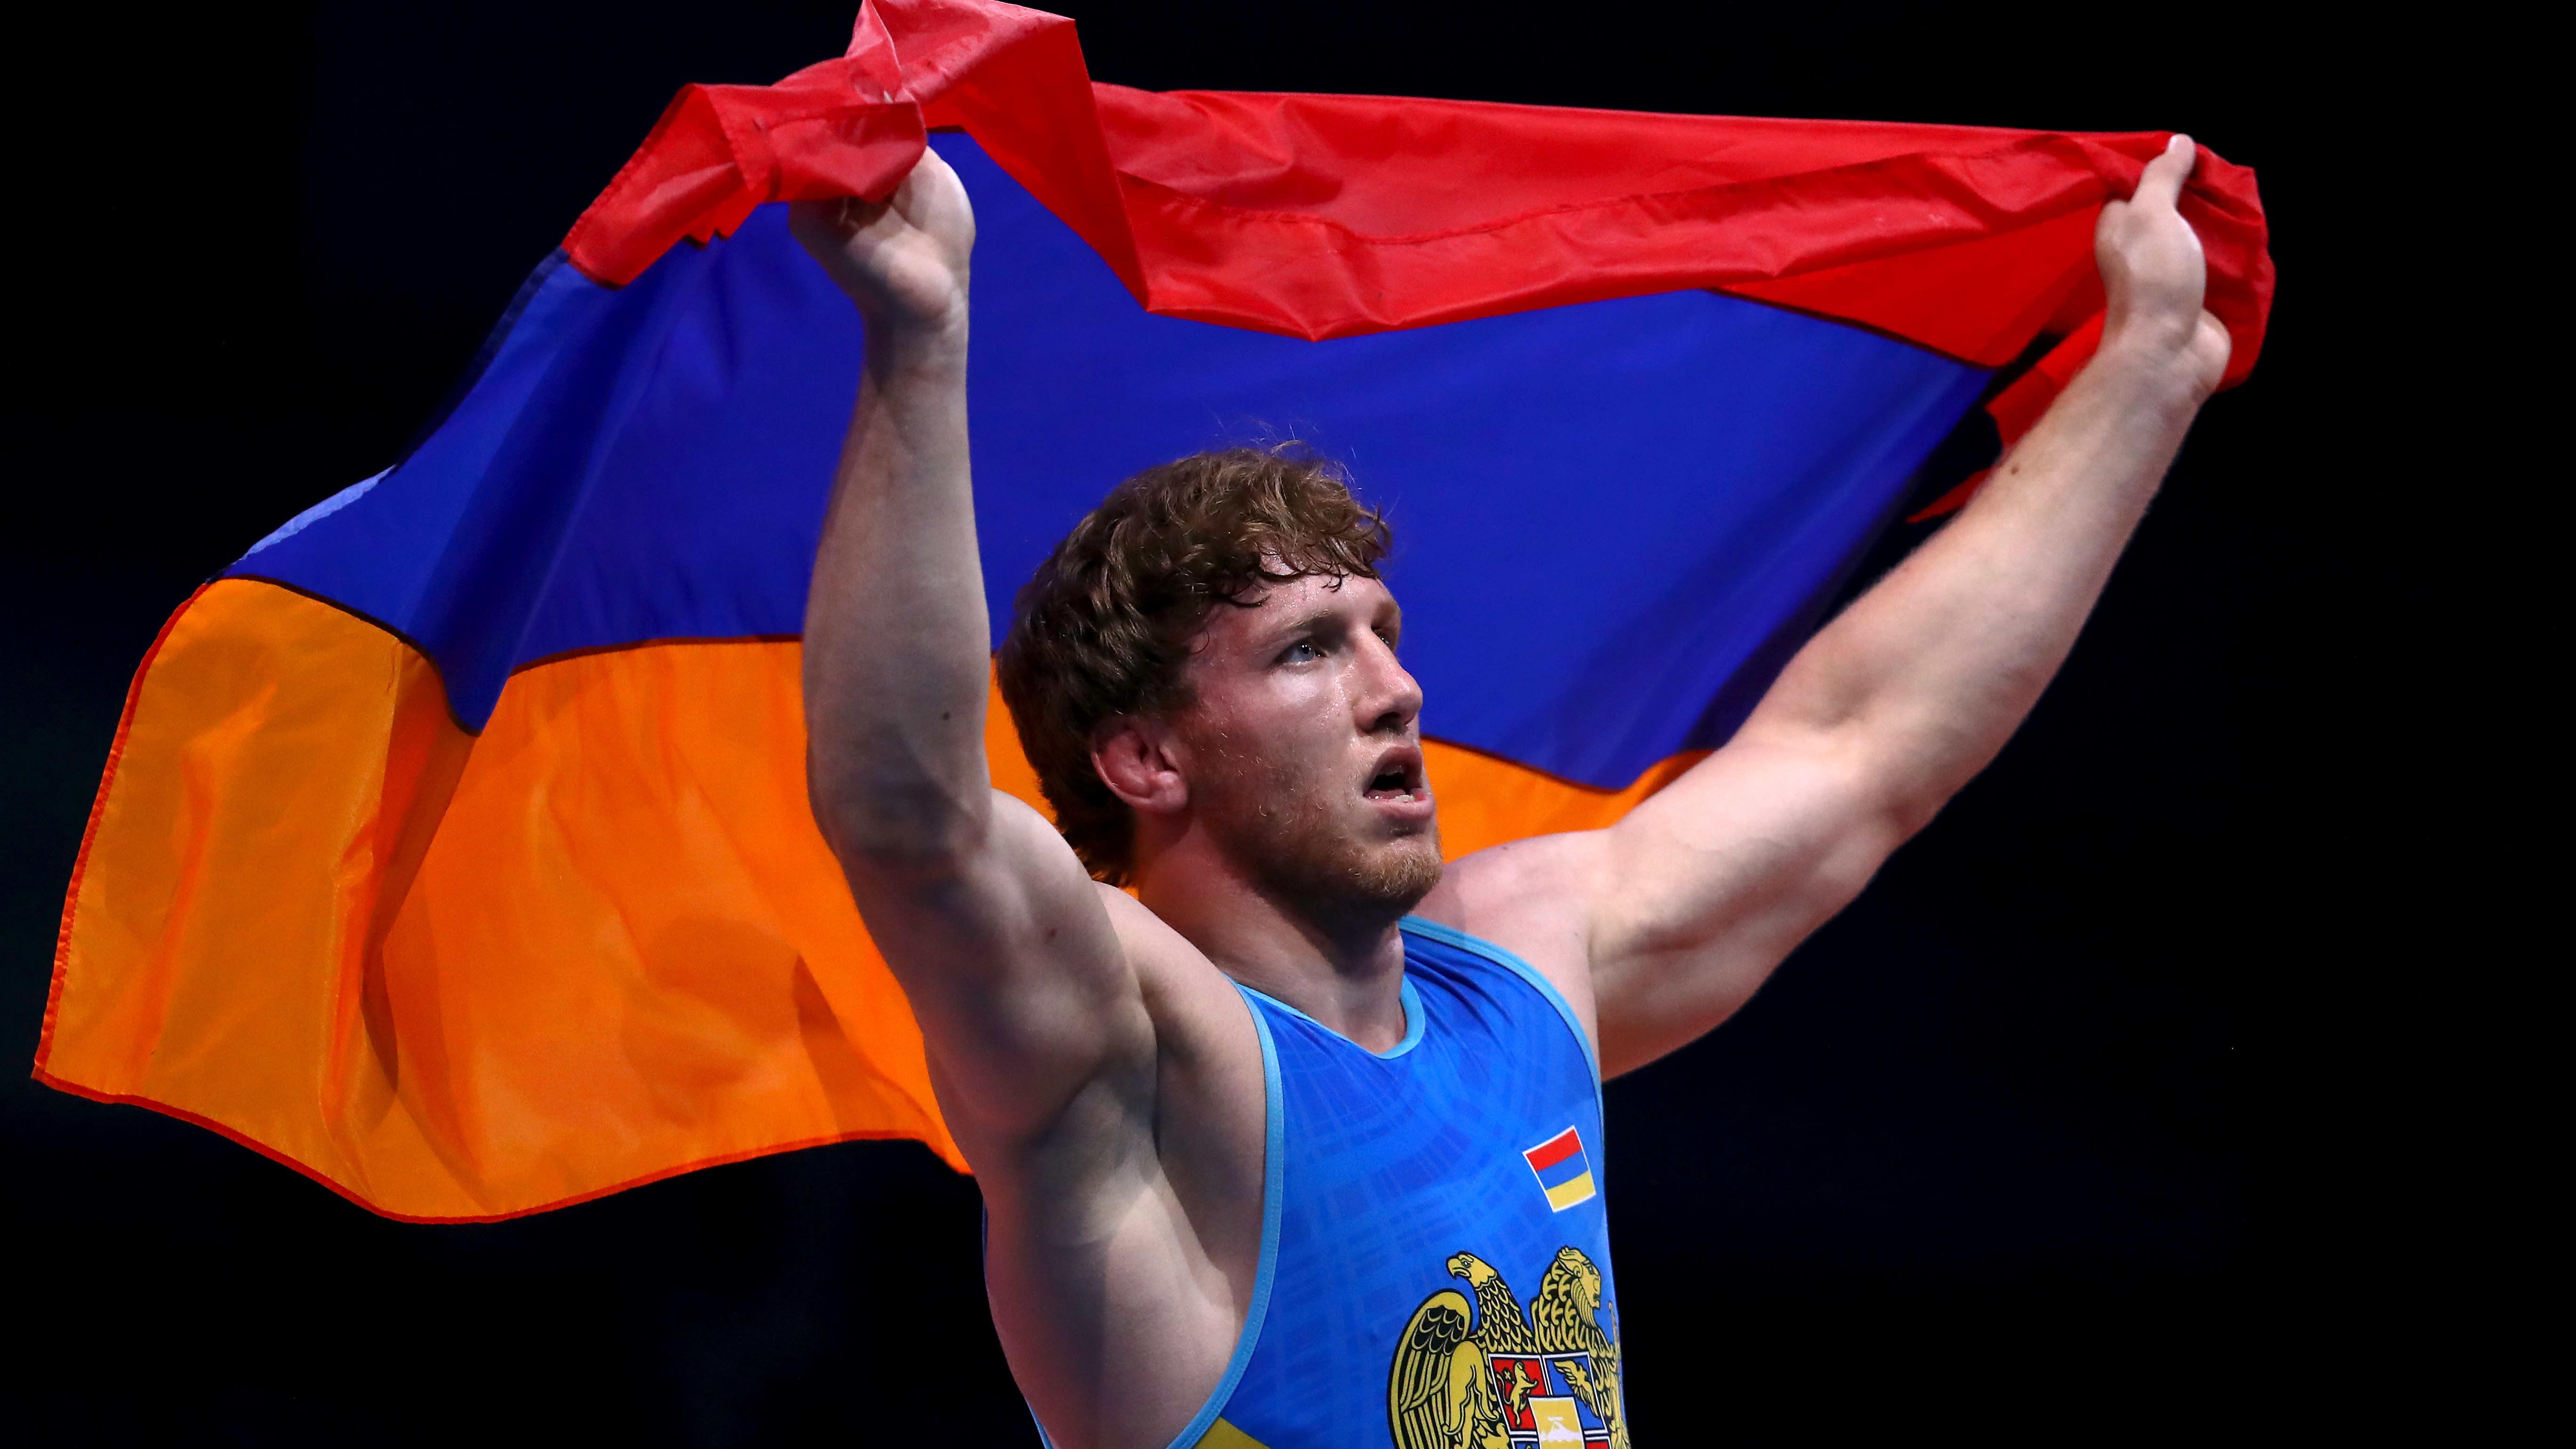 Katso loukkaantuneen armenialaisen hurja taistelu painivälierässä